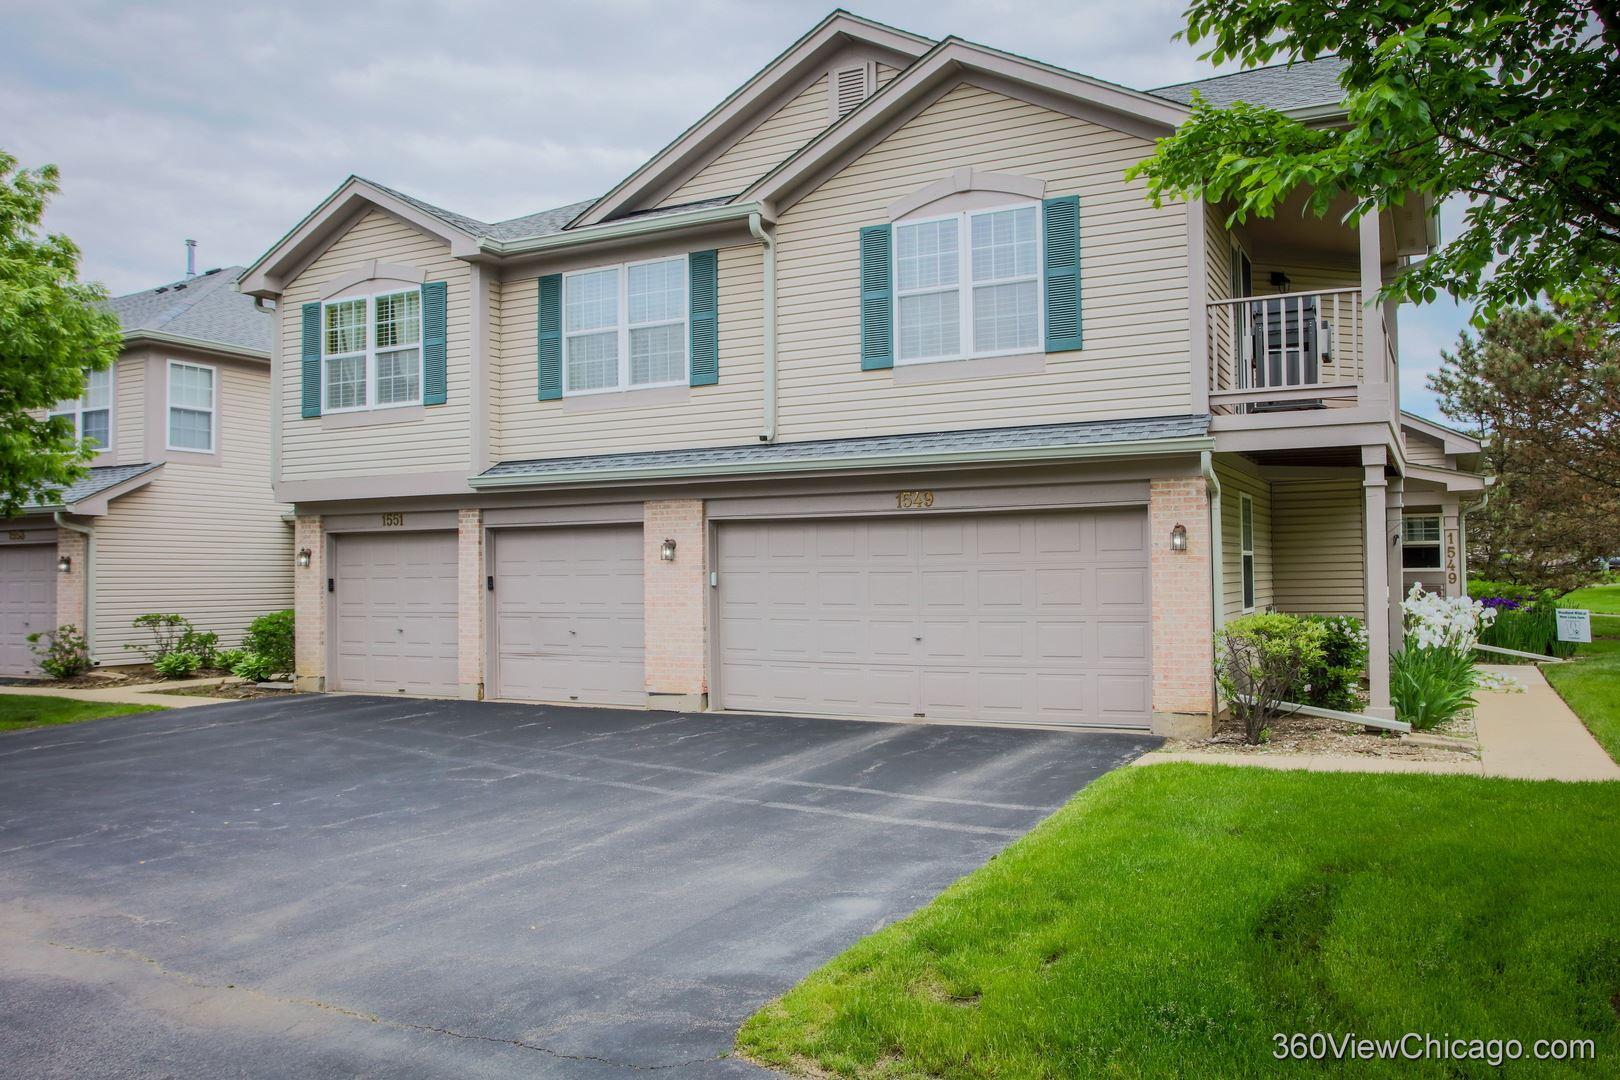 1553 Auburn Lane #1553, Gurnee, IL 60031 - #: 10799867